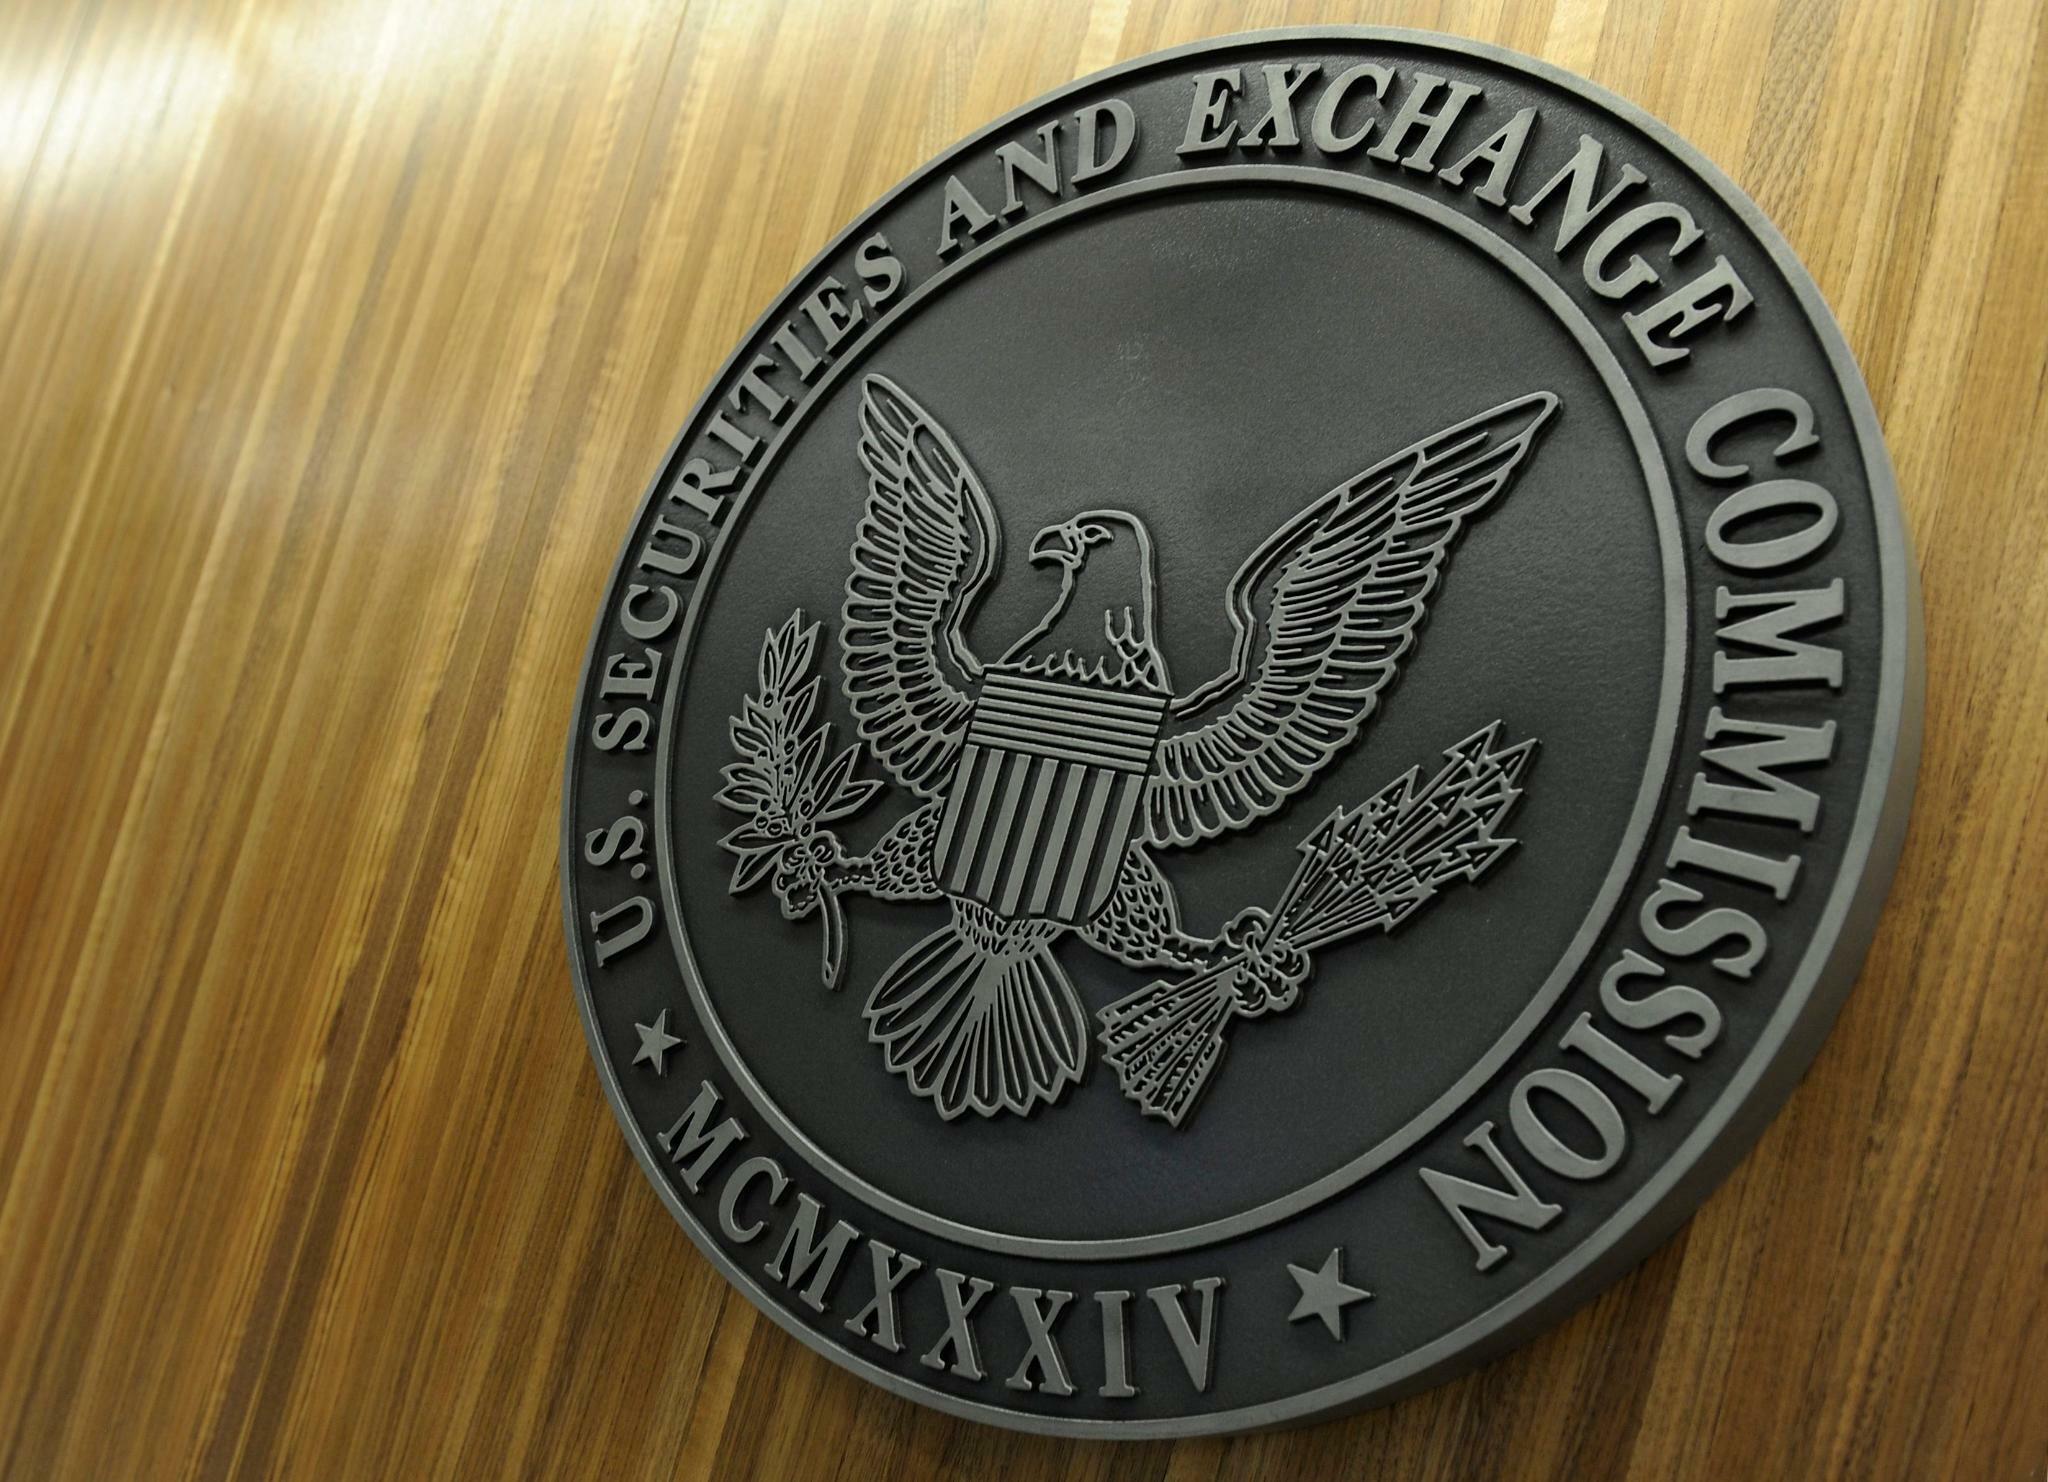 US-Behörde friert Finanzen von 18 überwiegend chinesischen Händlern ein